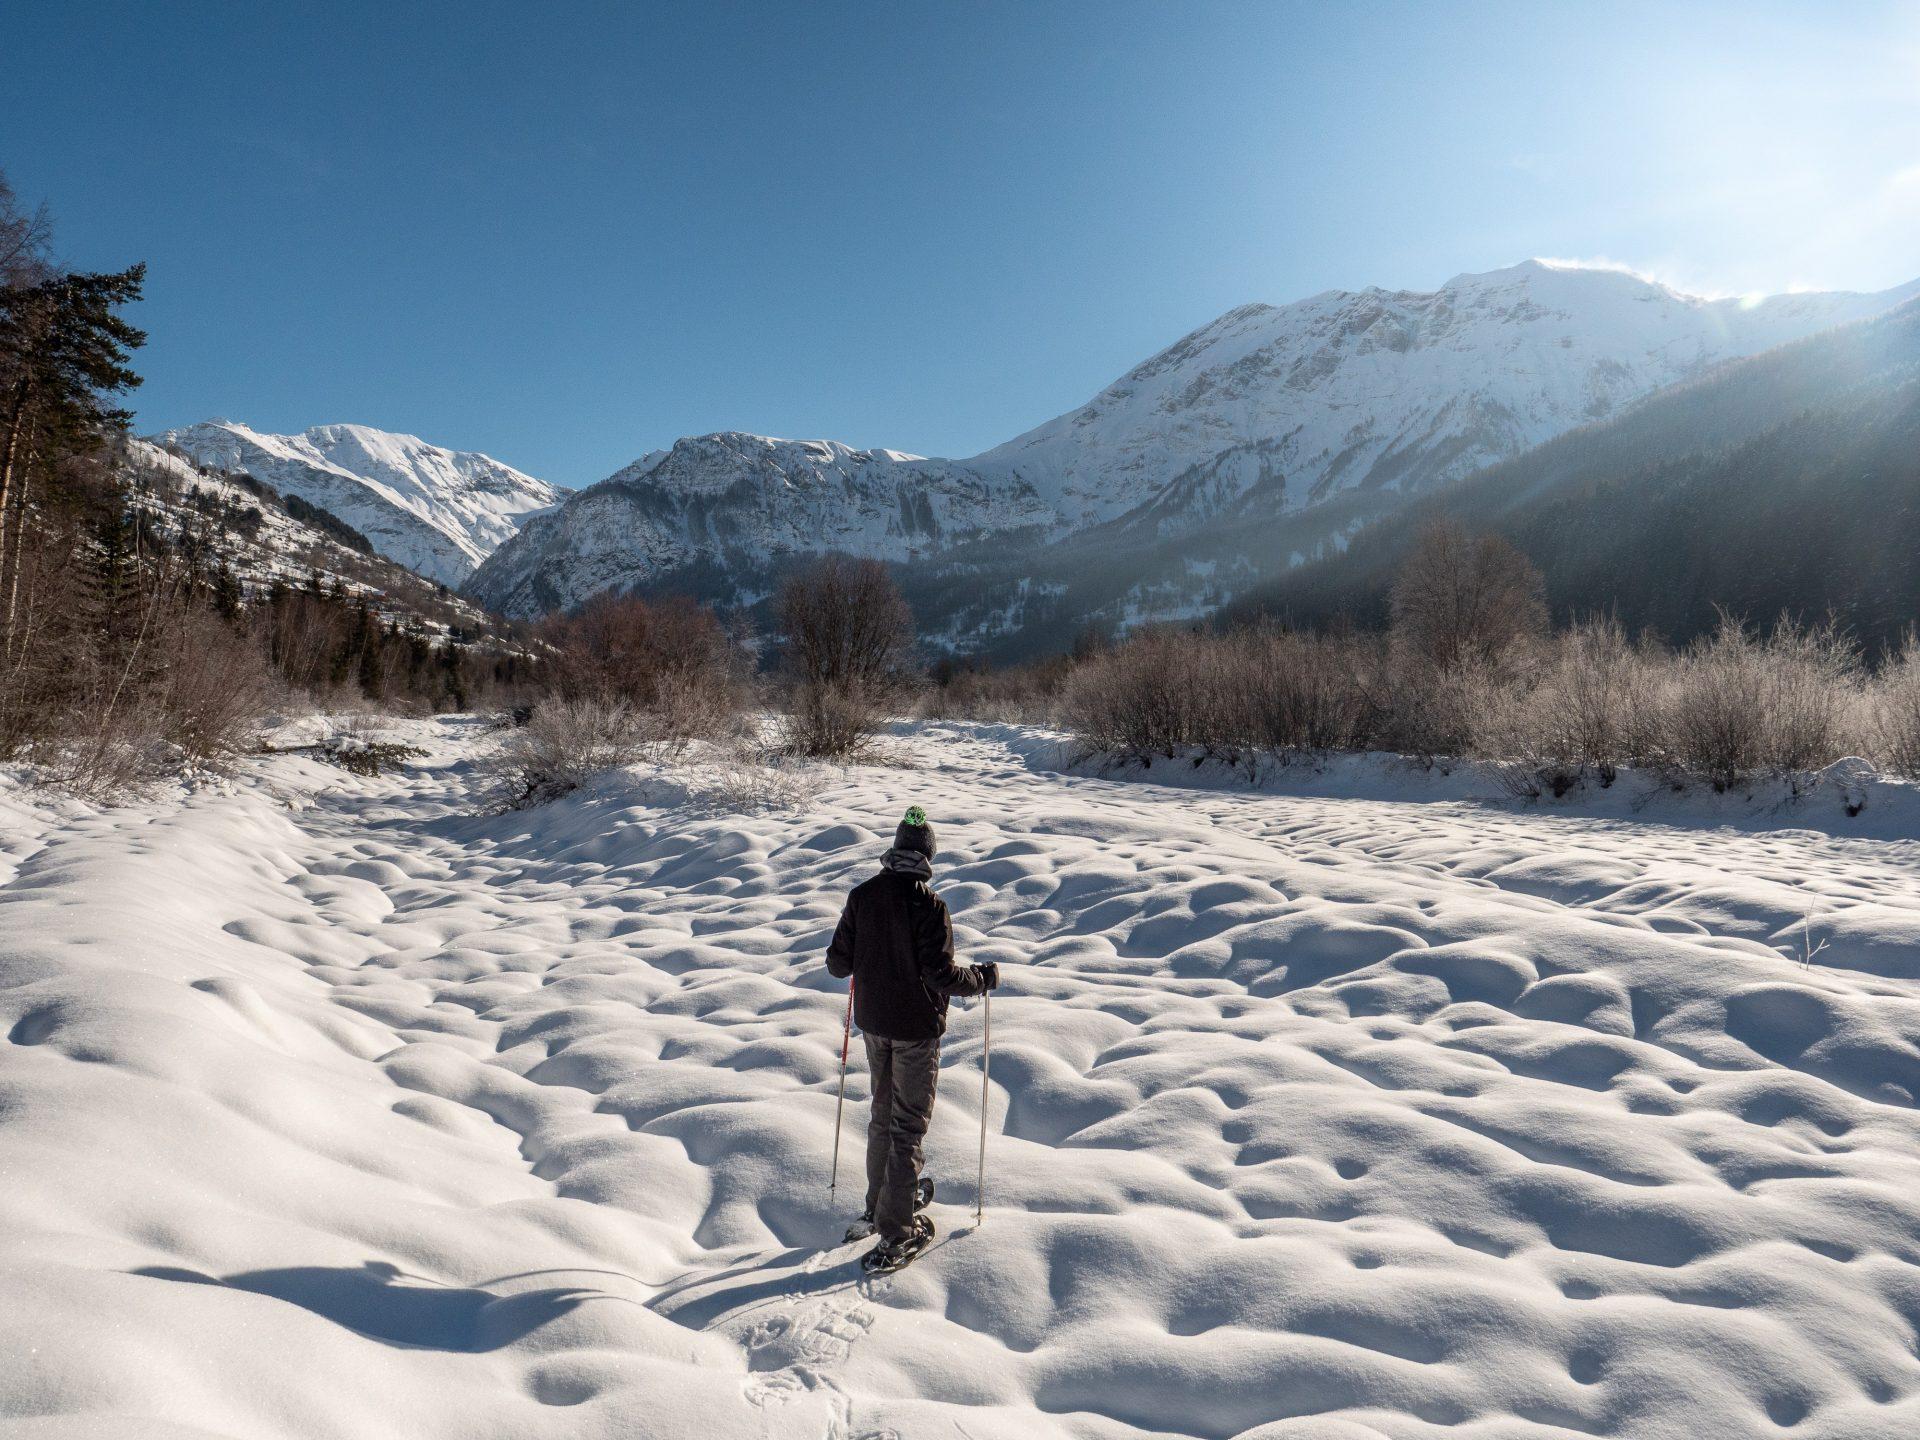 Randonnée en raquettes à orcières, dans la vallée de Champsaur valgaudemar - drac noir